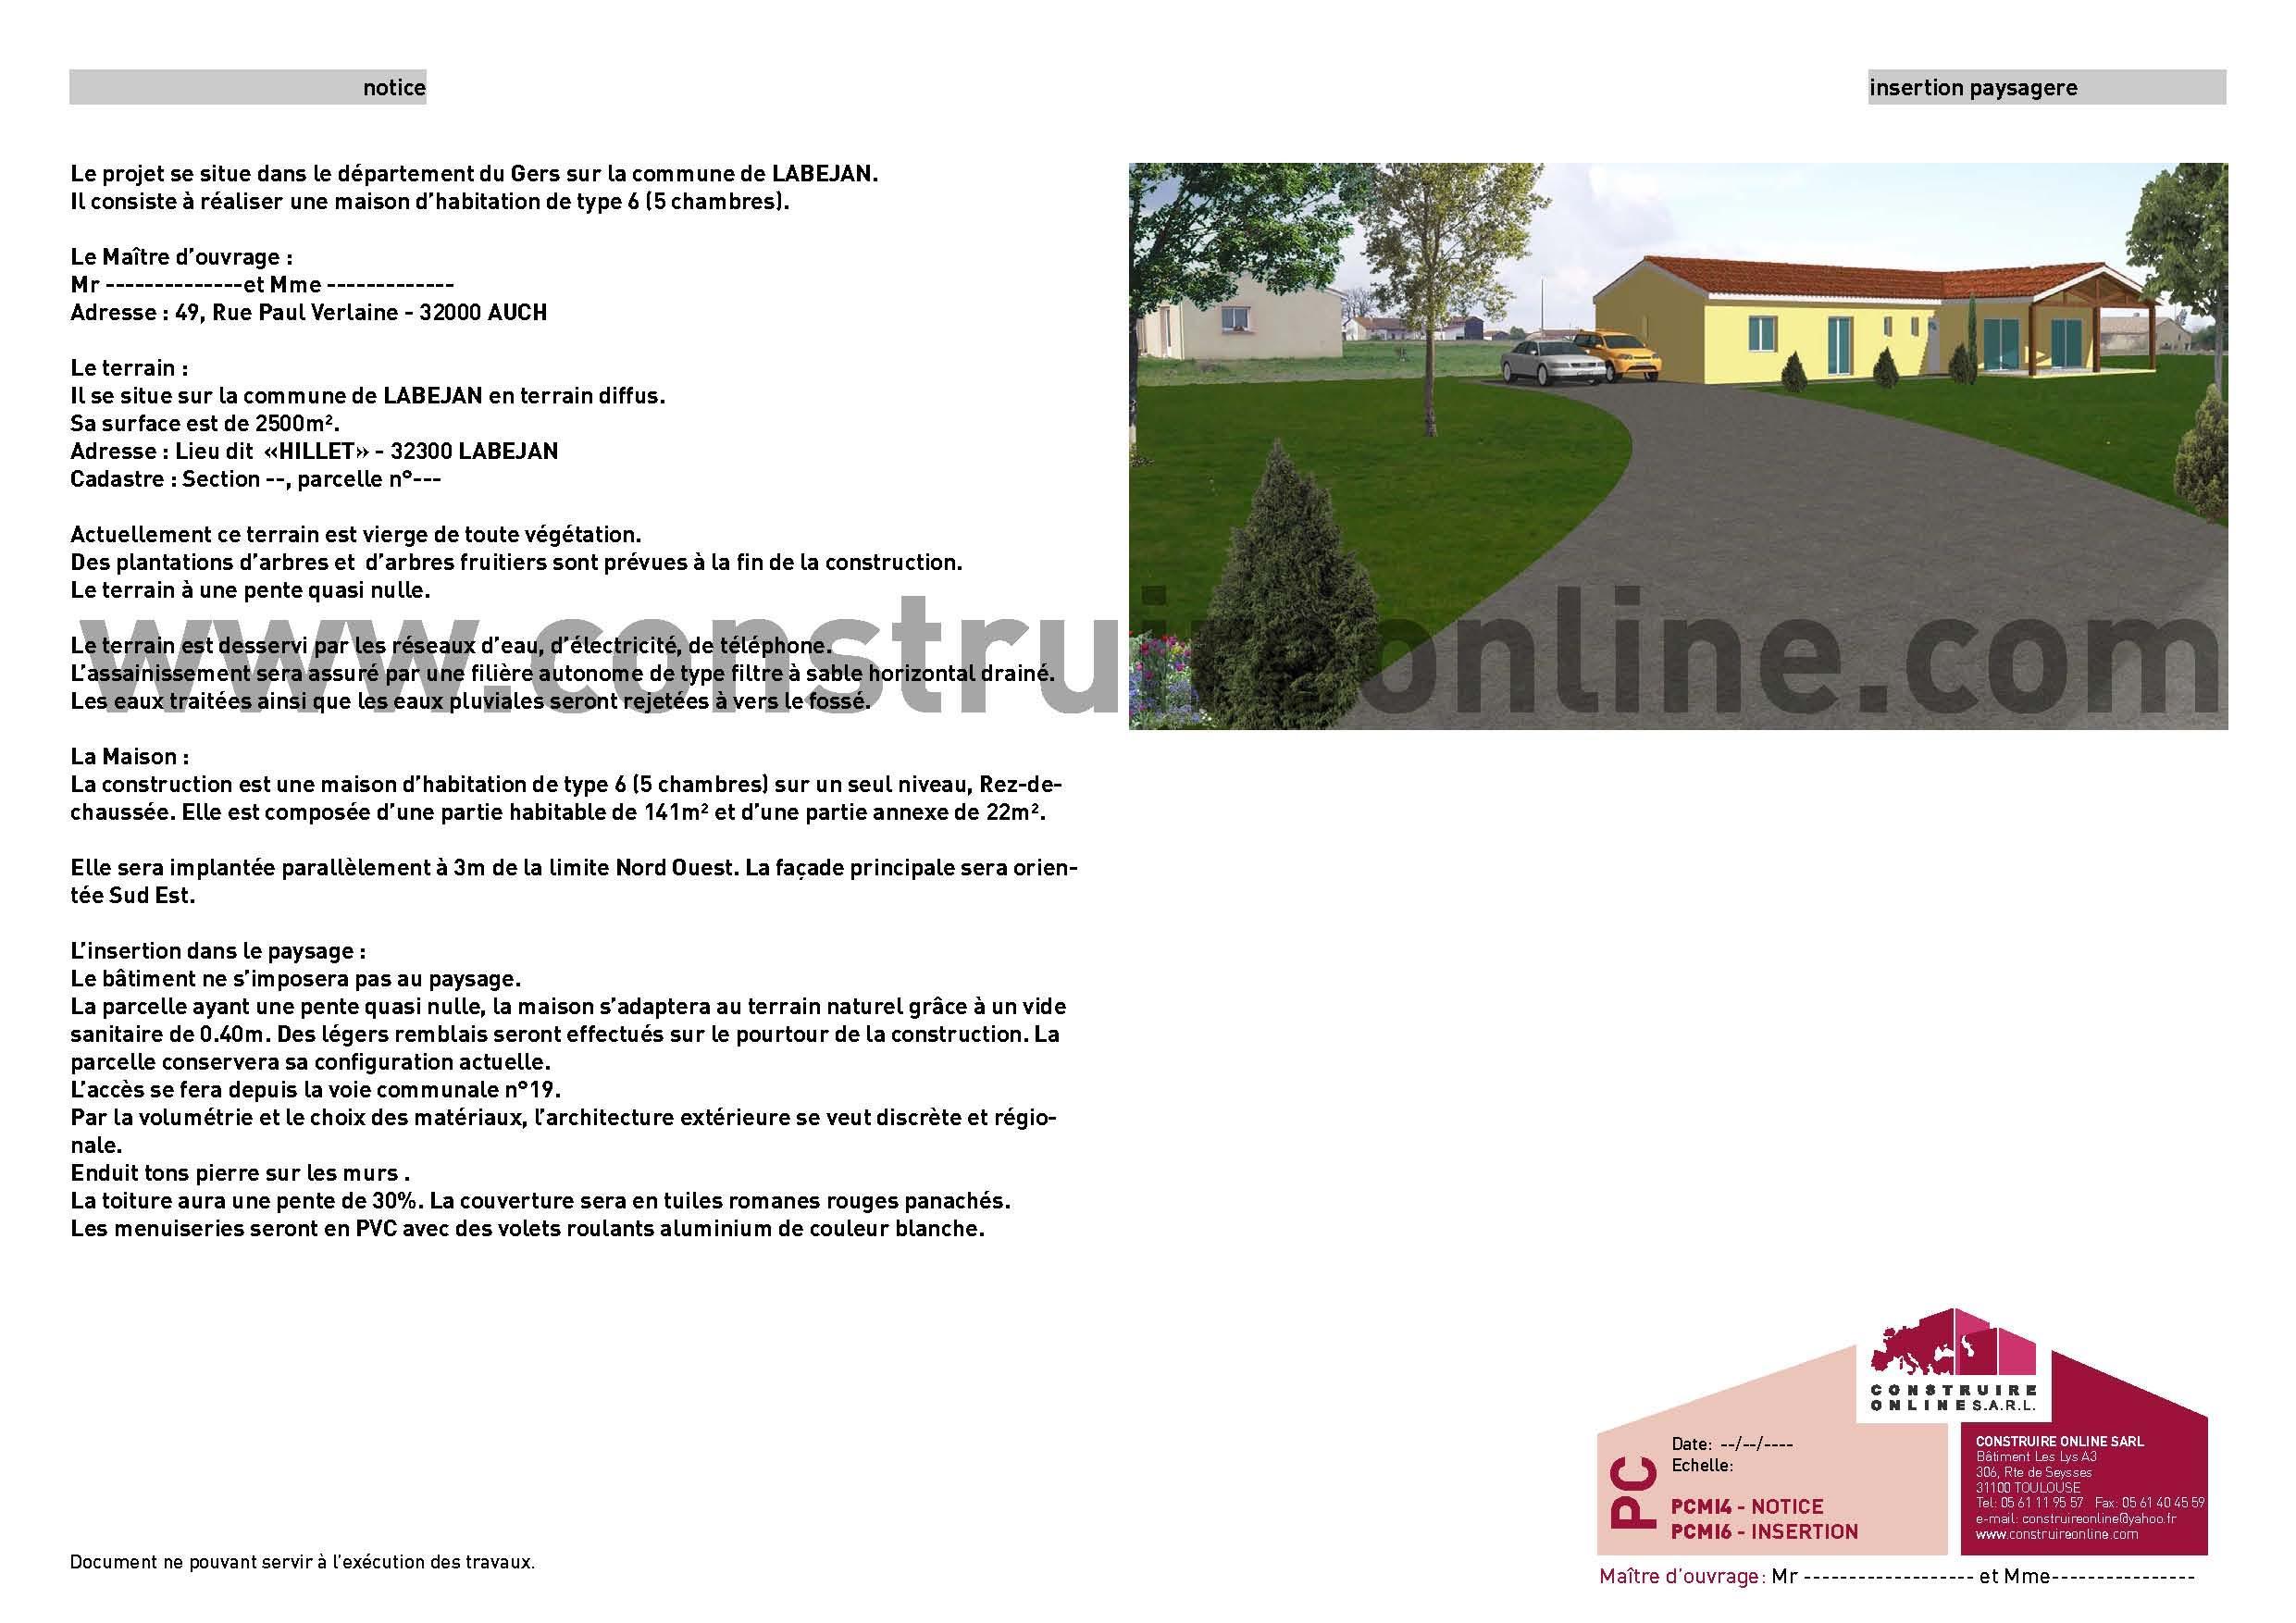 Pi ce pcmi4 permis de construire de maison individuelle for Notice descriptive permis de construire